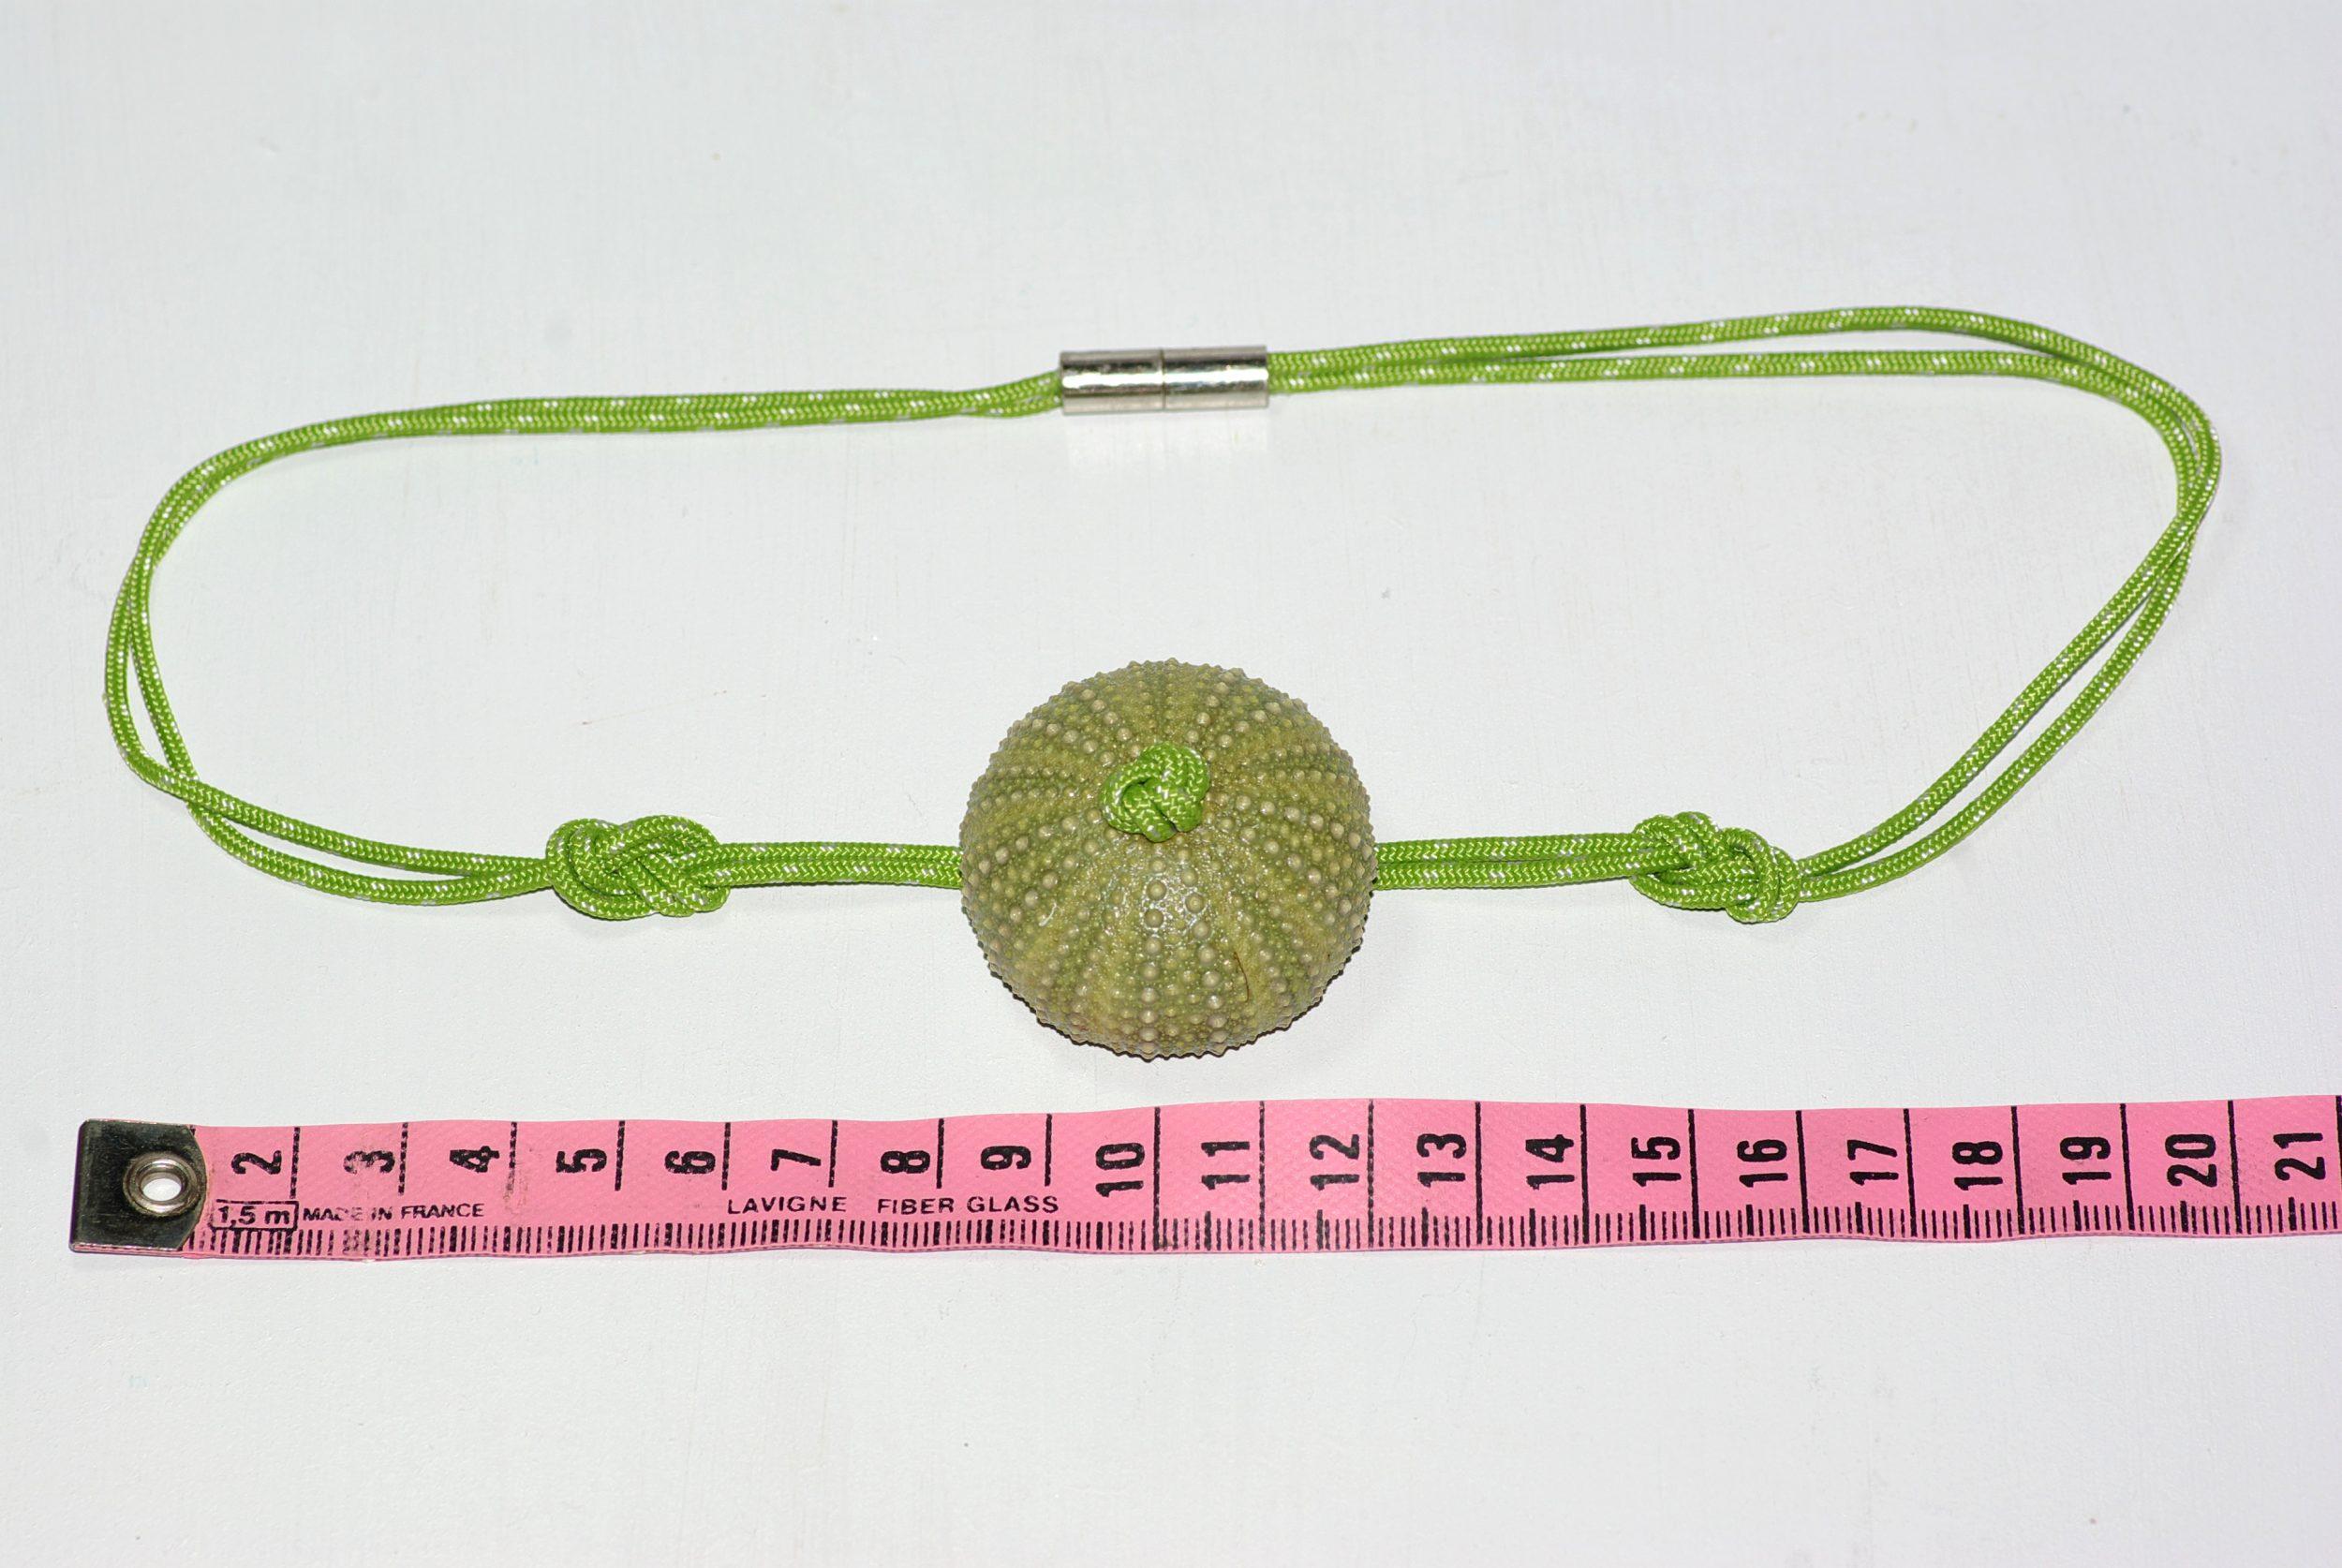 collier en cordelette marine verte nouée et pendentif oursin, prise de mesure : ourisn 4 cm.